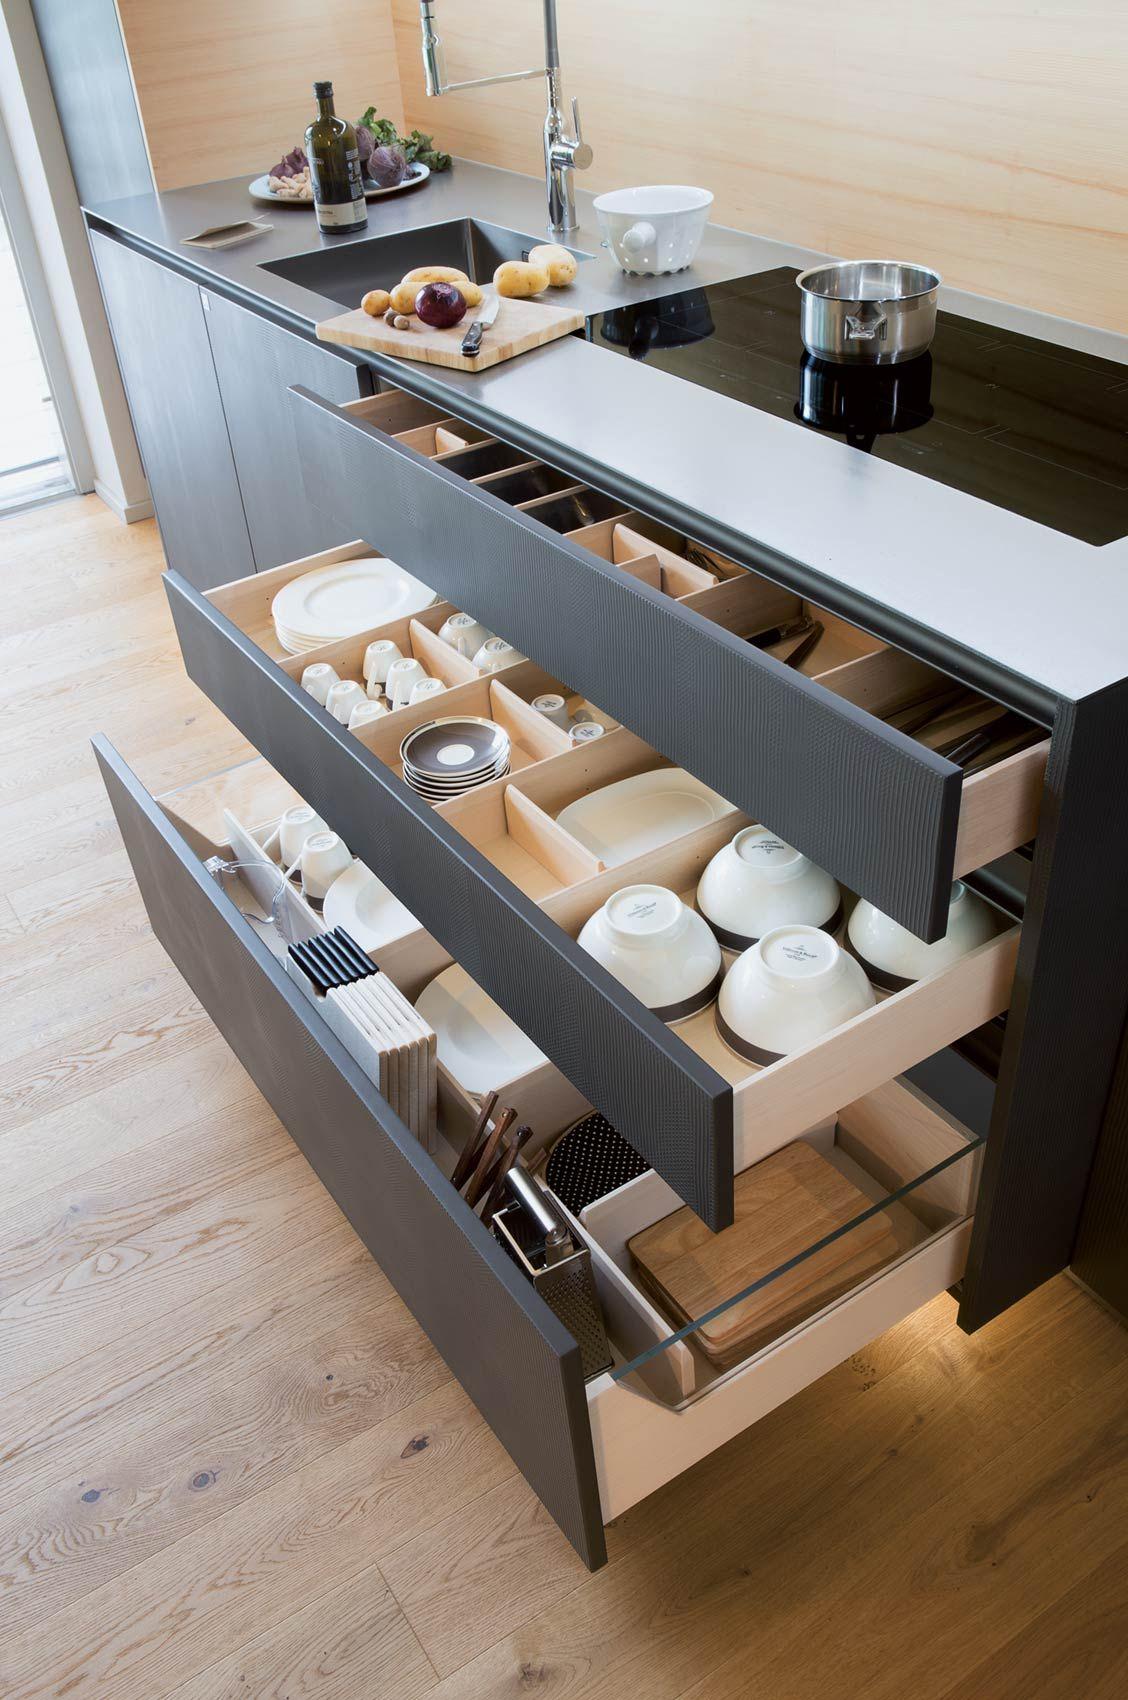 Projekte-Traumhaus EN | zeyko Küchen | HOME | Pinterest | Silver ... | {Zeyko küchen 27}